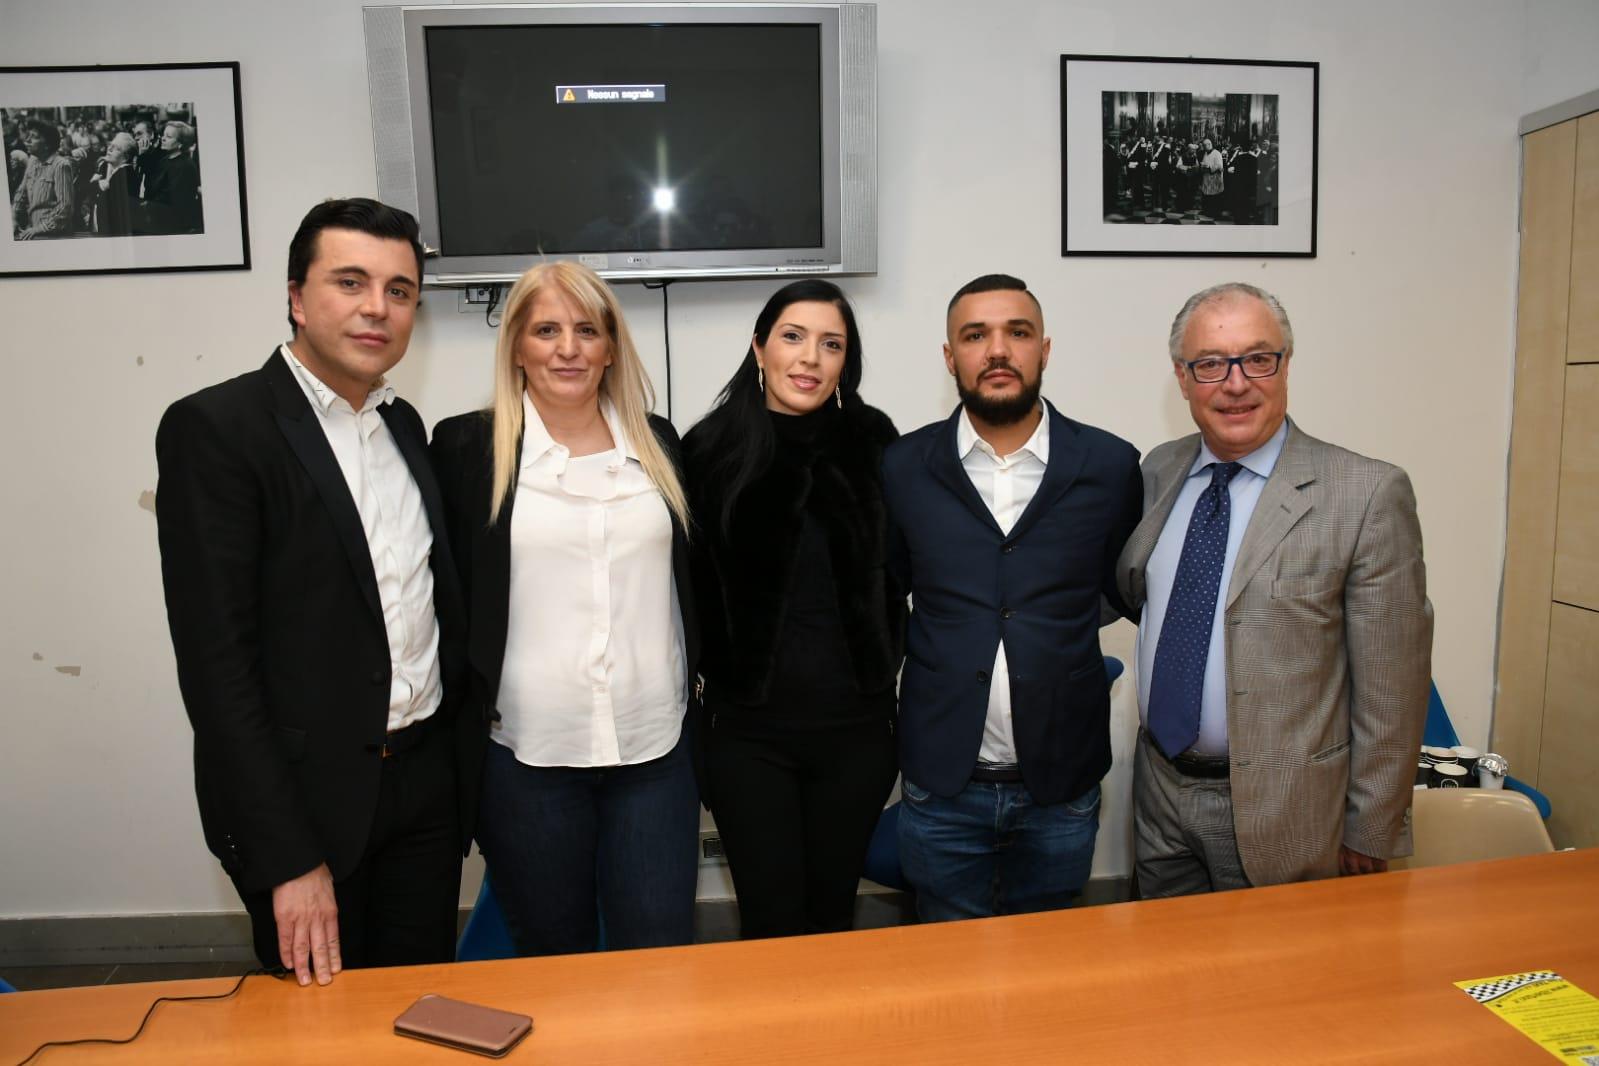 Conferenza Stampa di Presentazione LiberTaxi. da sinistra Fabio Palazzi, Anna Uleto, Patrizia S, Enrico Romano e Gennaro Carrino